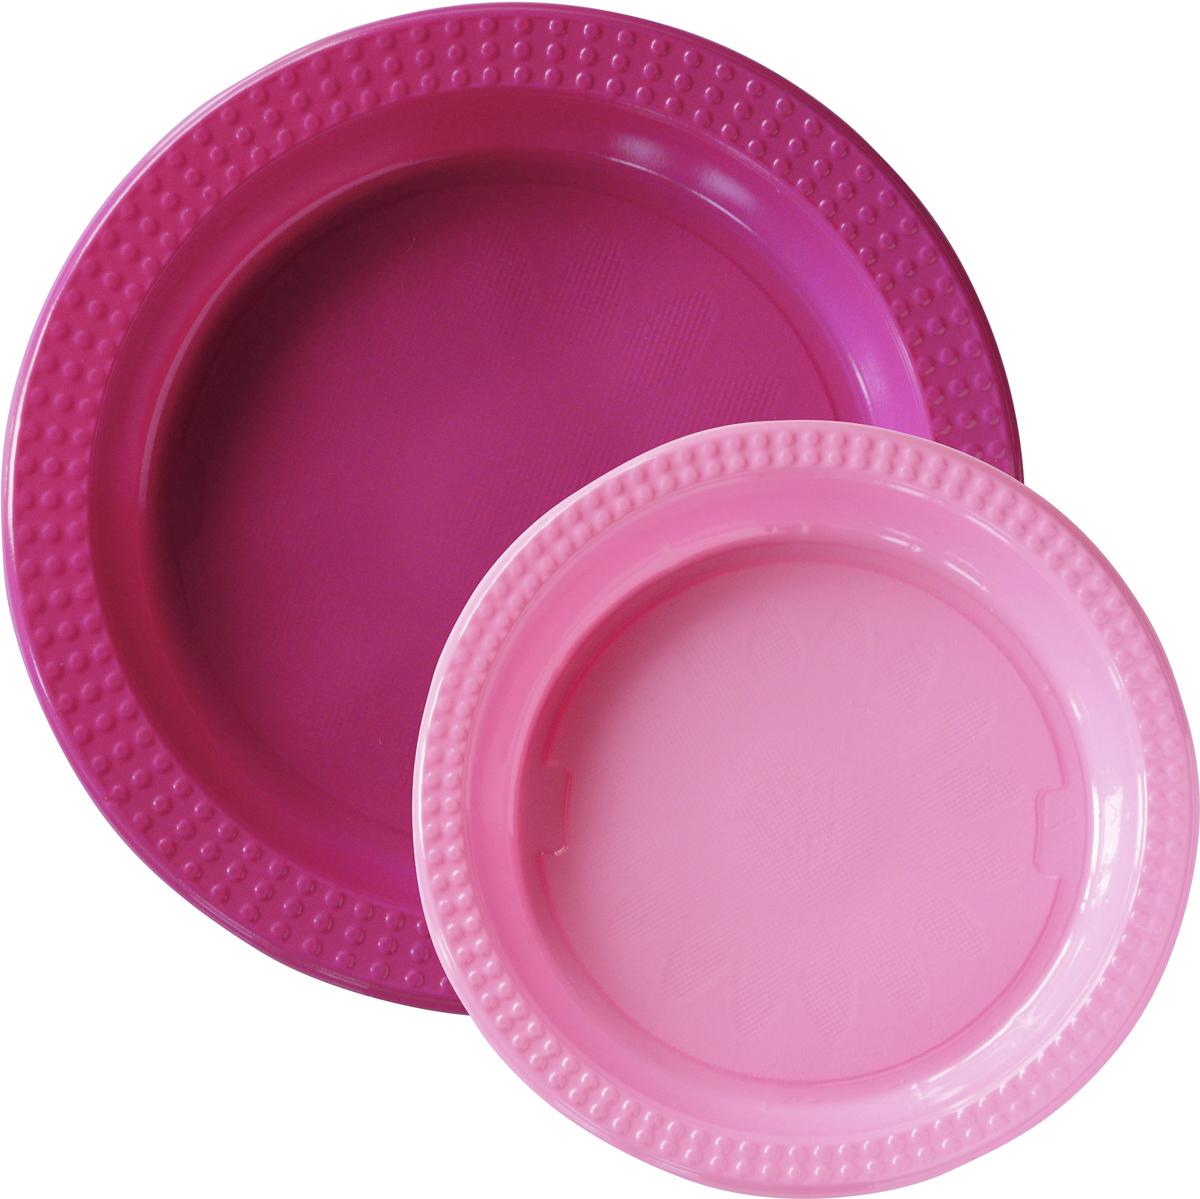 Тарелки пластиковые, 22см и 17см, в комплекте 20 шт167728Еда – одна из важнейших частей нашей жизни. Еда объединяет разных людей. Впечатляющая сервировка стола вдохновит любое застолье и превратит его в запоминающийся момент – для всех чувств, не только вкуса. Мы не только простой производитель салфеток, скатертей, свечек, чашек, тарелок и ножей с вилками. Мы – создатель атмосферы, вдохновения и сюрпризов – все это основные части обеда, ужина, вечеринки или незабываемого пикника. Используя современные инновации, скандинавский дизайн и опыт накопленный столетиями, мы сделаем вашу трапезу незабываемым праздником.